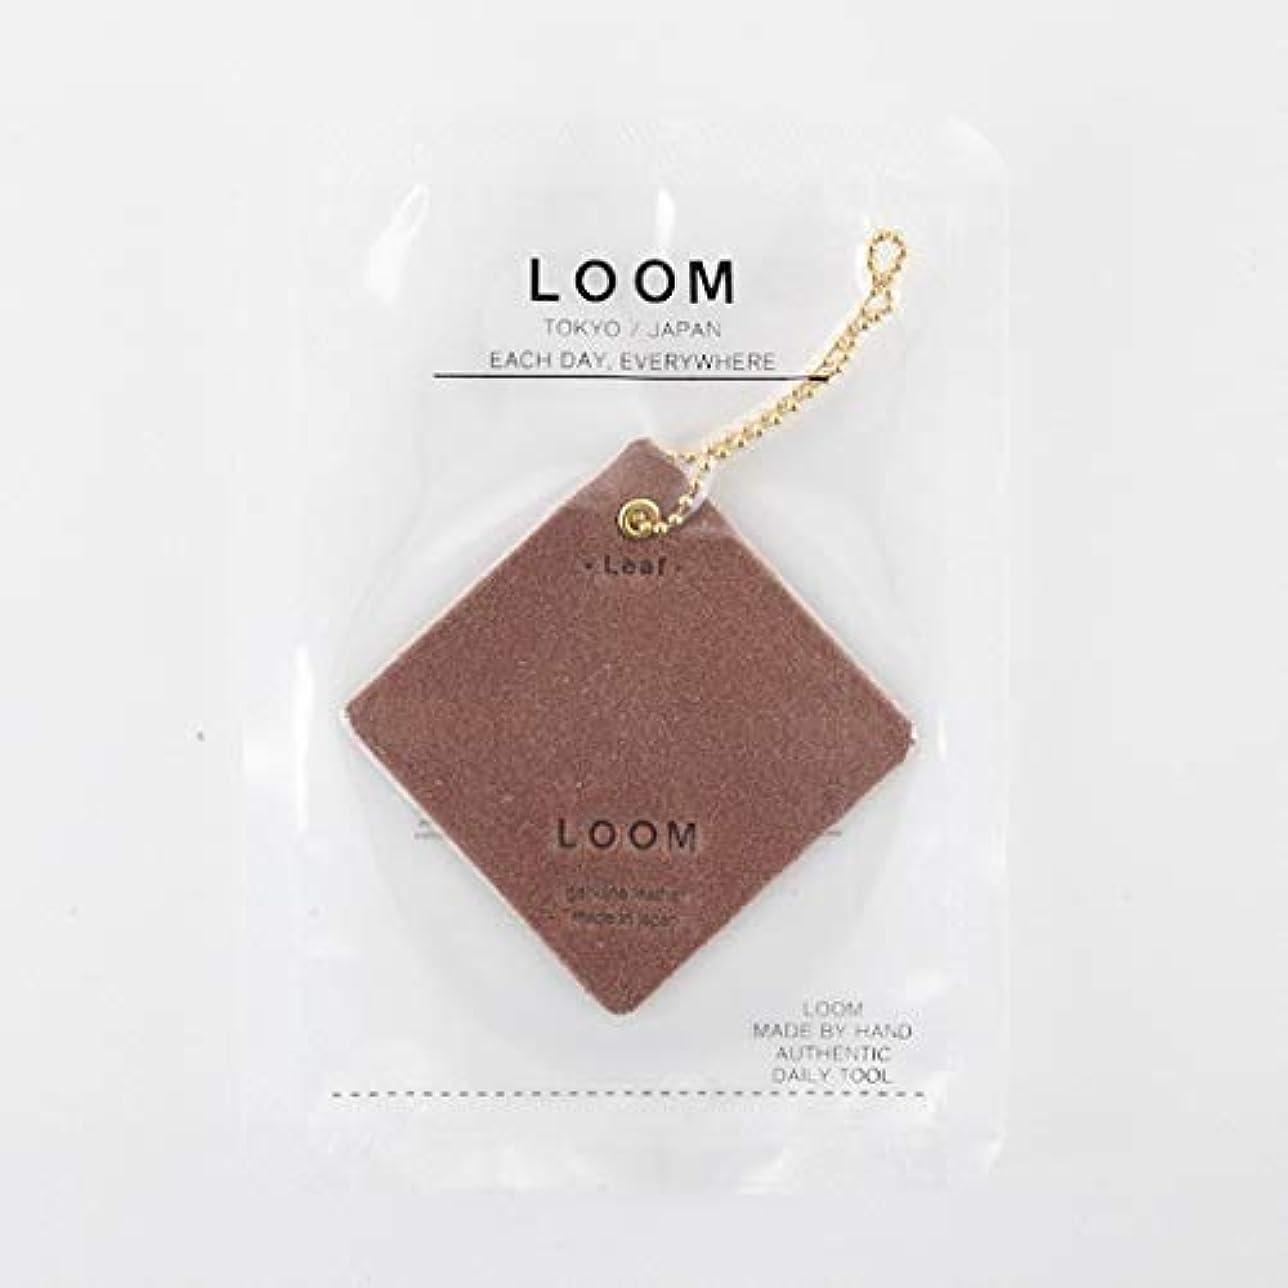 ブランデー着服達成可能[LOOM] フレグランスレザータグ (エア フレッシュナー) LEAF